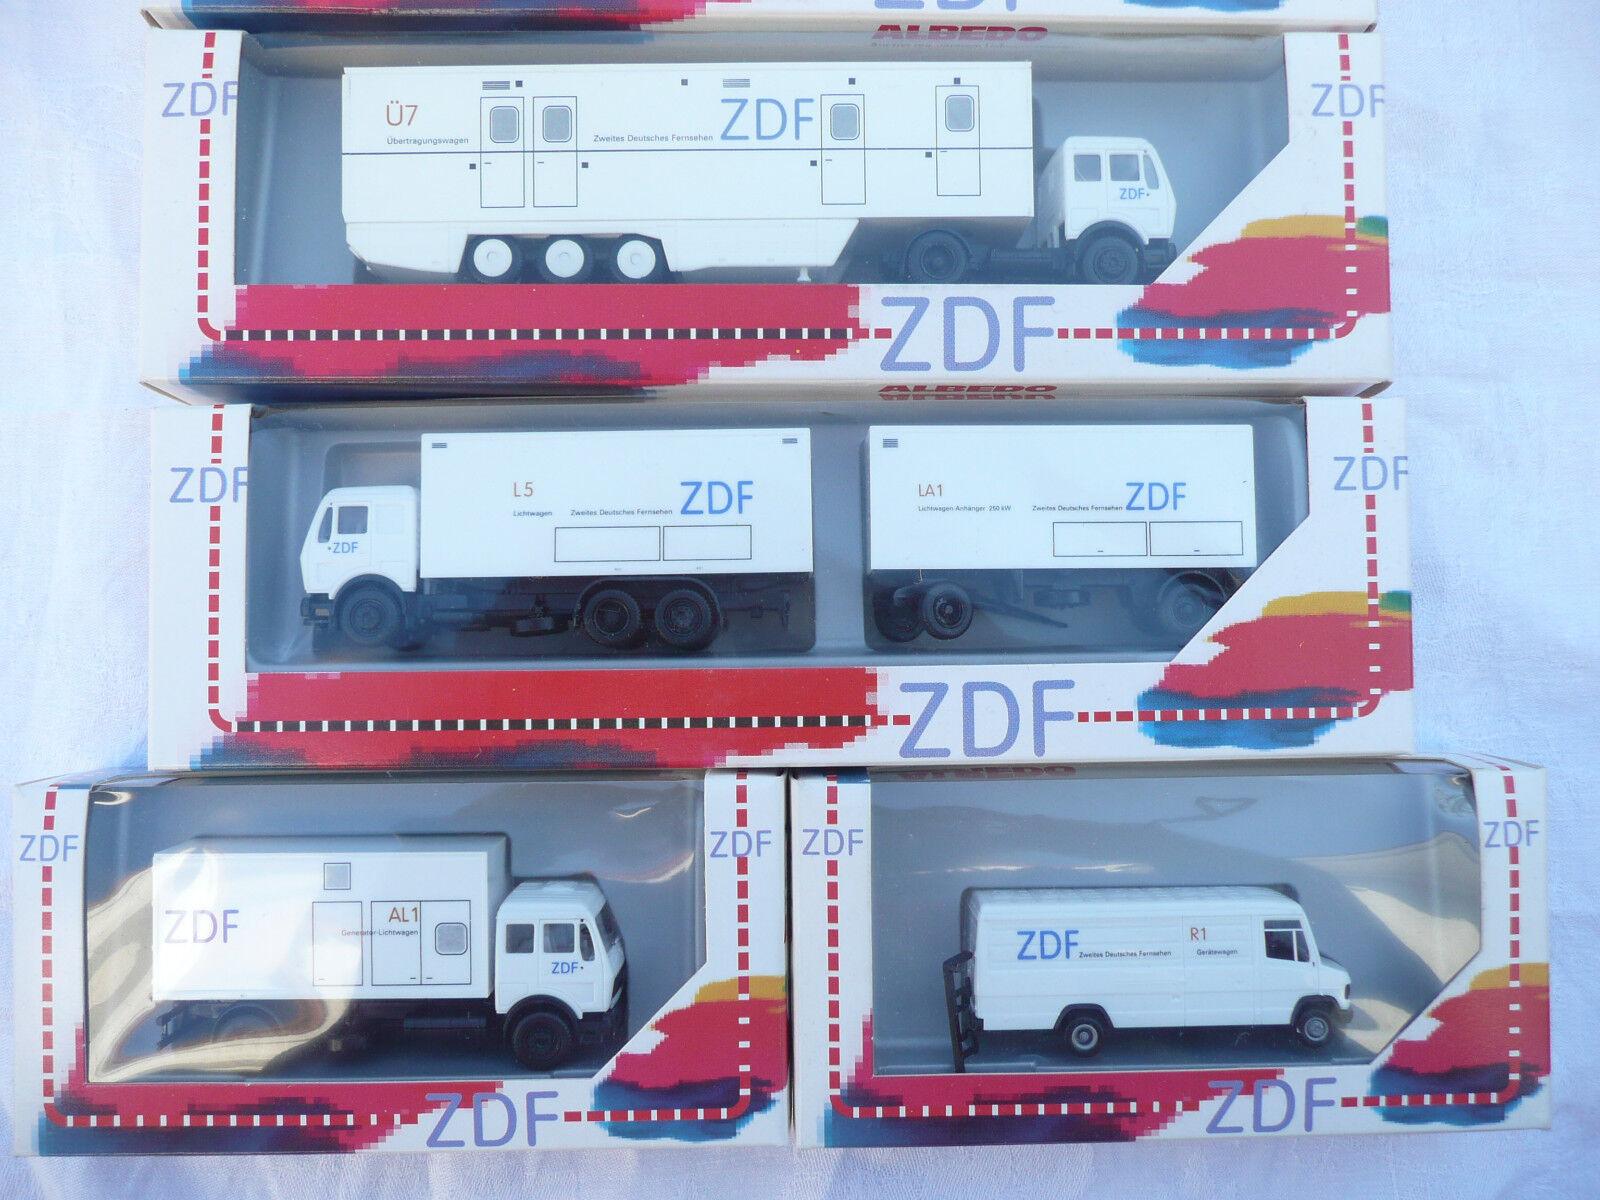 moda Albedo ZDF 6 piezas, kit de escala fahrzeugset fahrzeugset fahrzeugset 1 87  tienda en linea